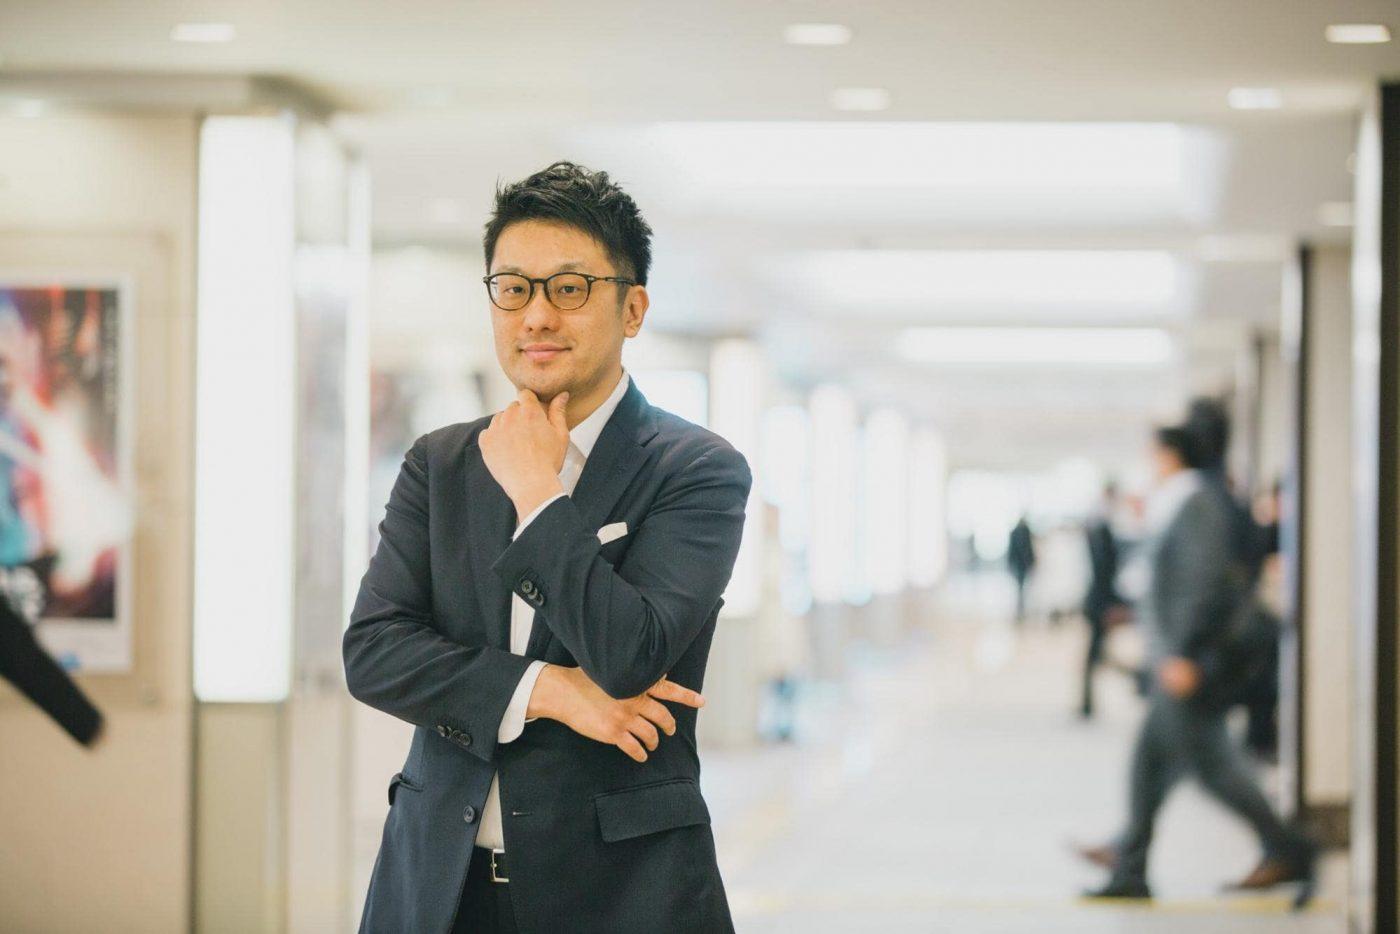 京都大学公認VC「みやこキャピタル」が語る、産学連携の展望